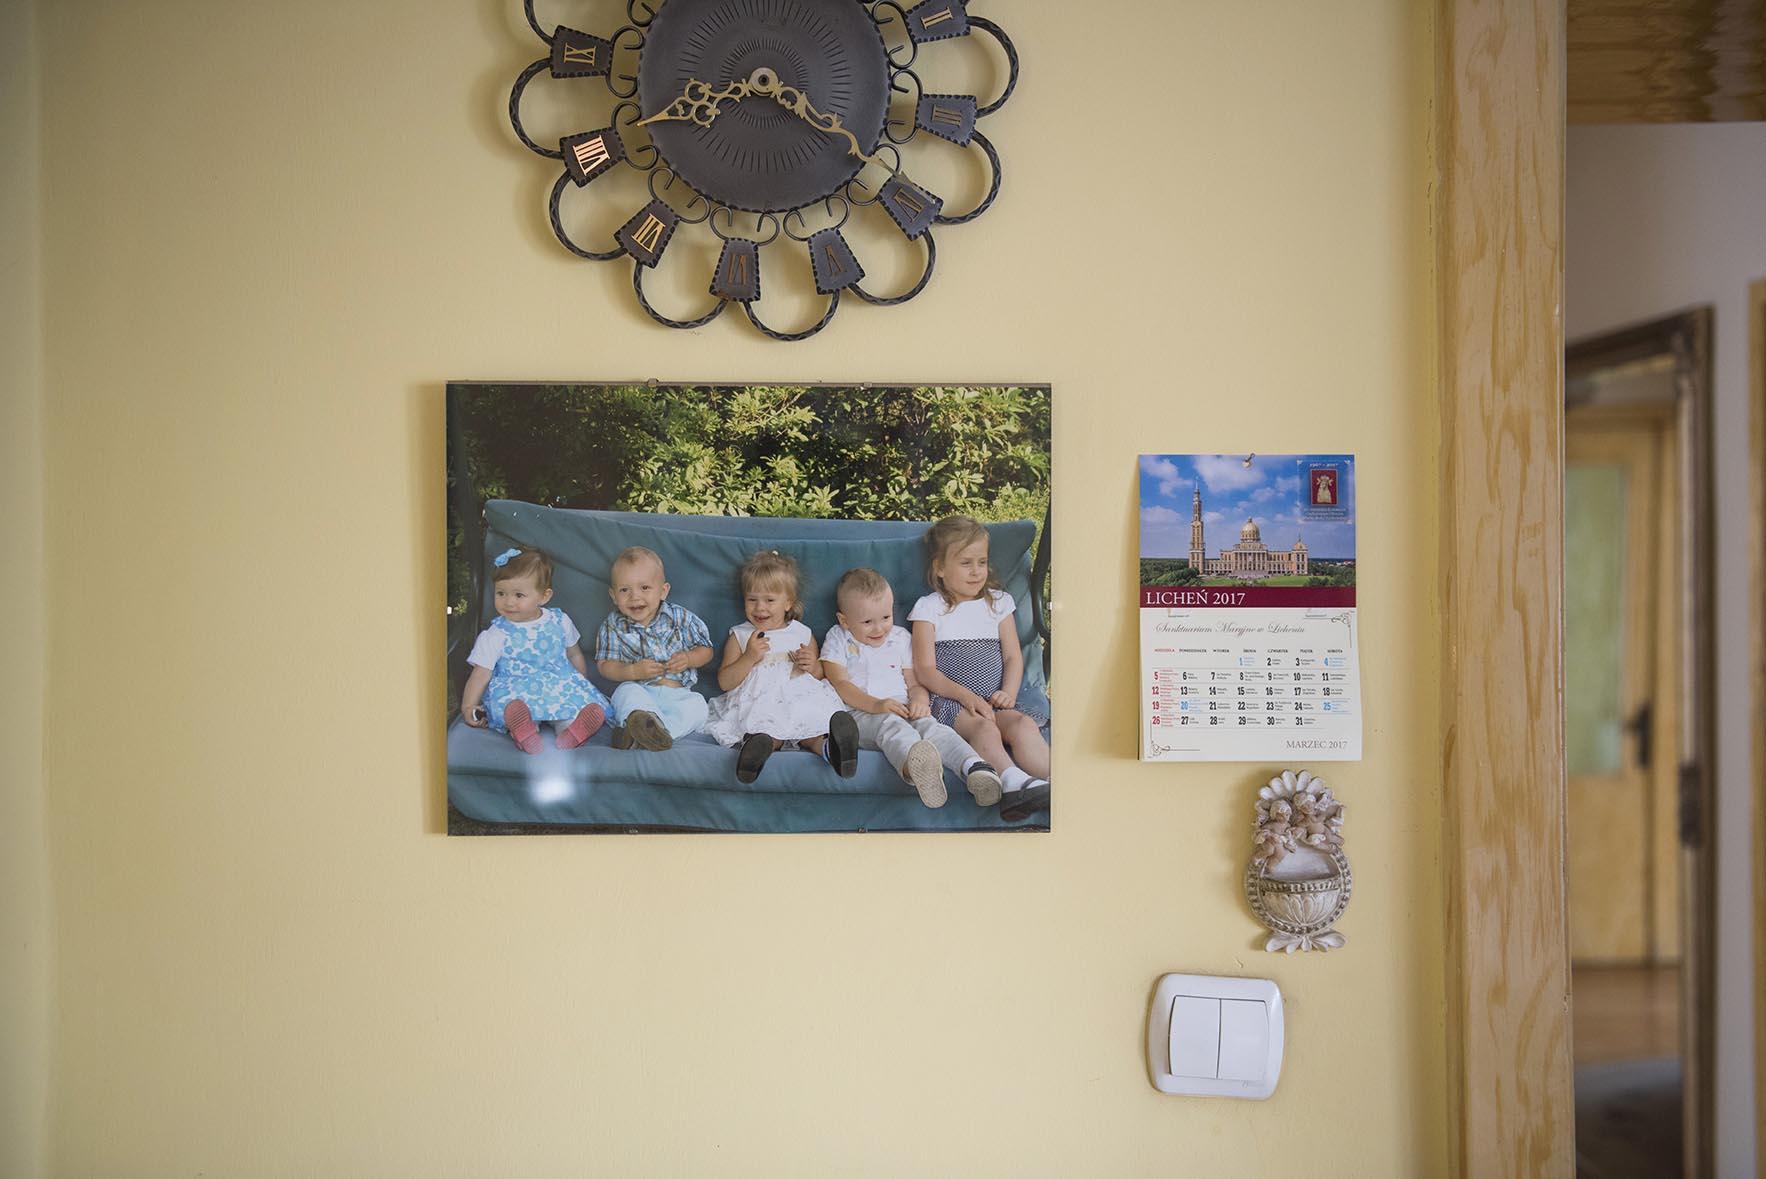 Państwo Prochasek mają 3 dzieci, 7 wnuków i 11 prawnuków.